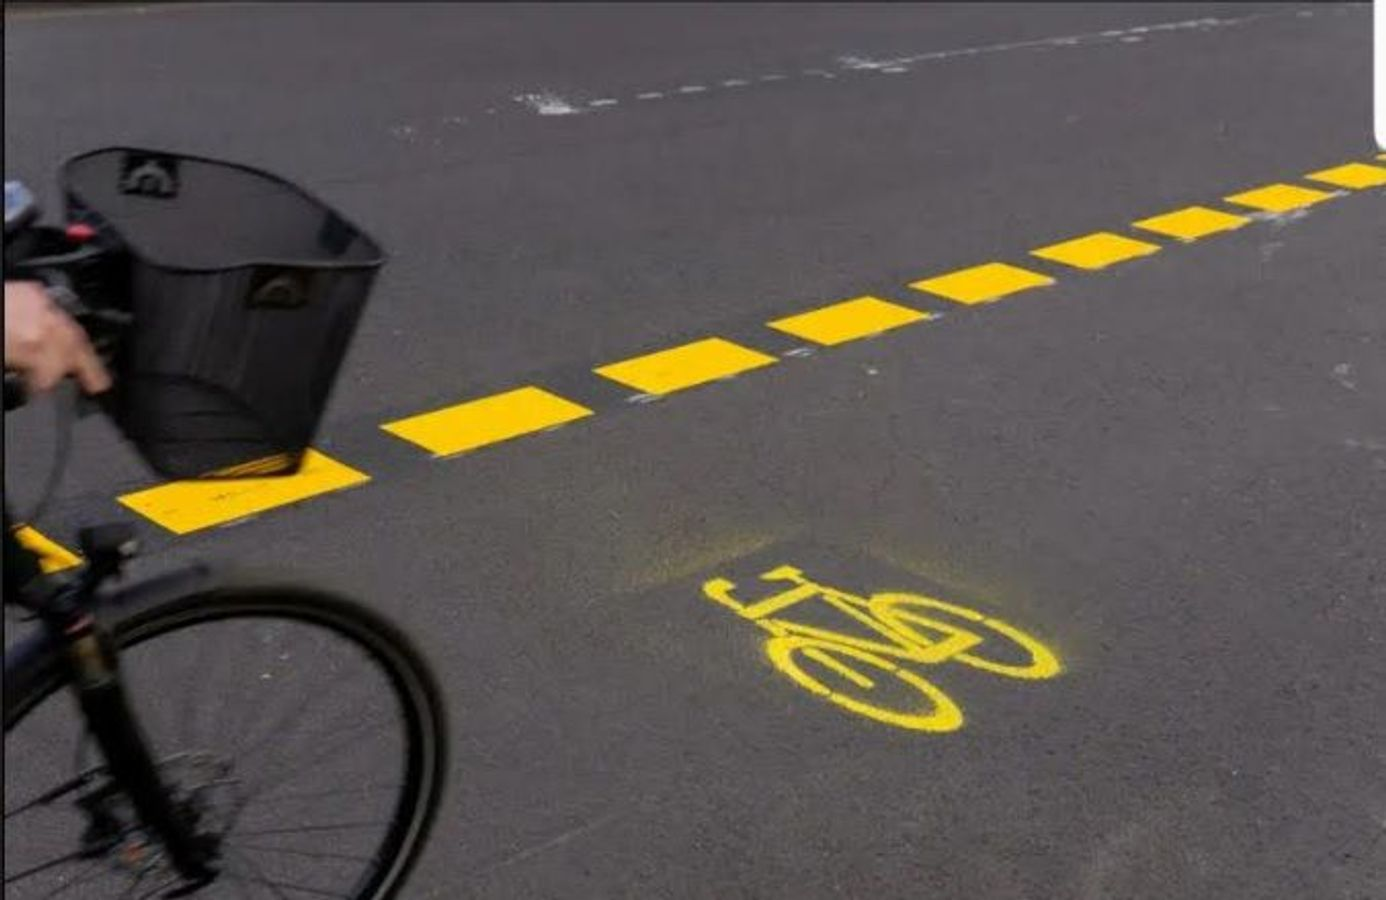 [Temps d'échange] échangeons sur nos pratiques d'aménagements cyclables temporaires